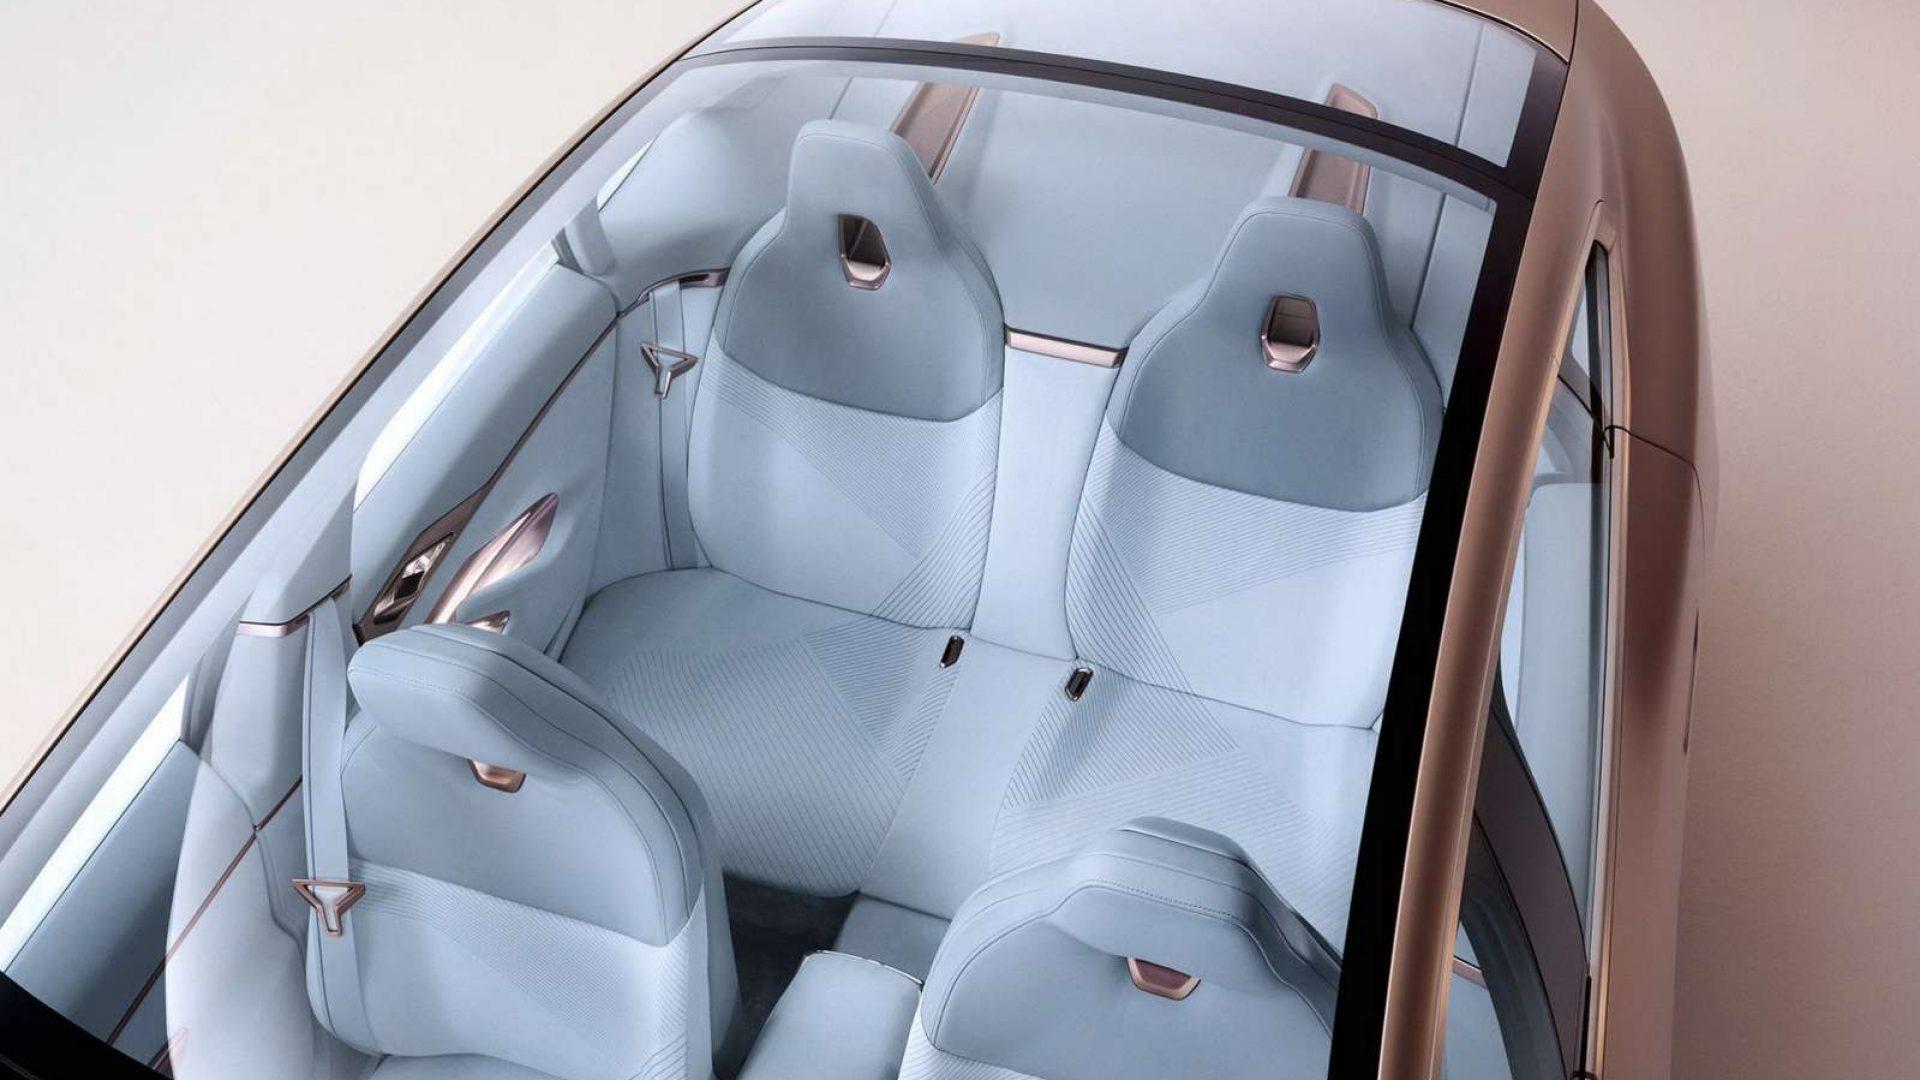 2020-BMW-Concept-i4-Interior-12